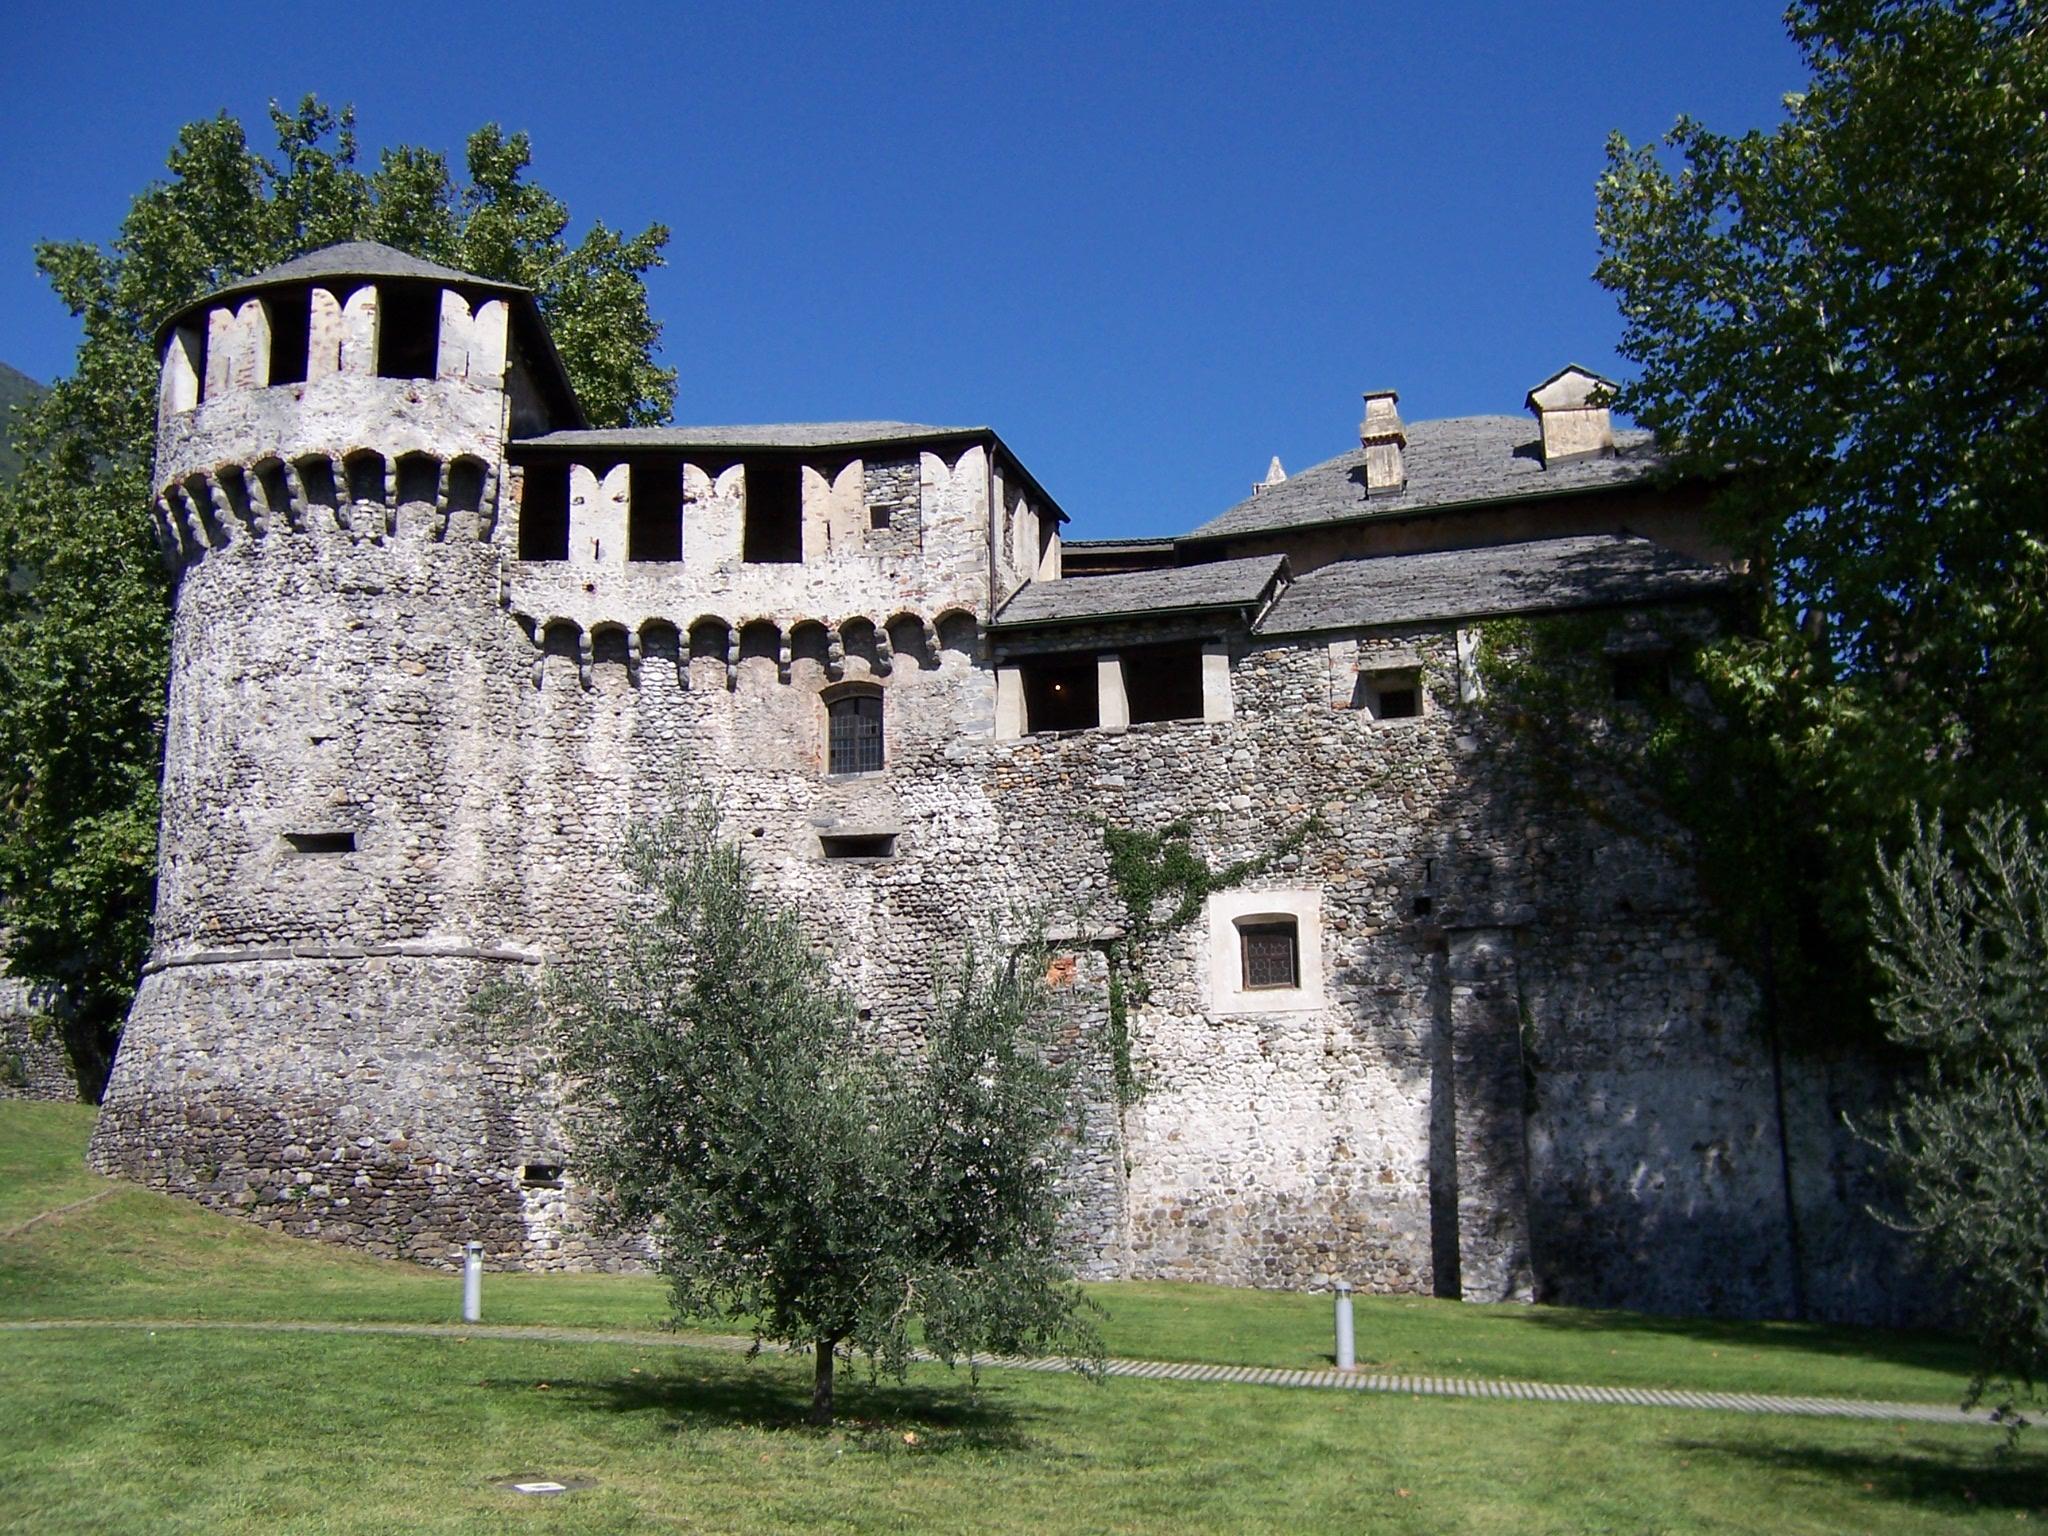 File:Locarno Castello Visconteo.JPG - Wikipedia